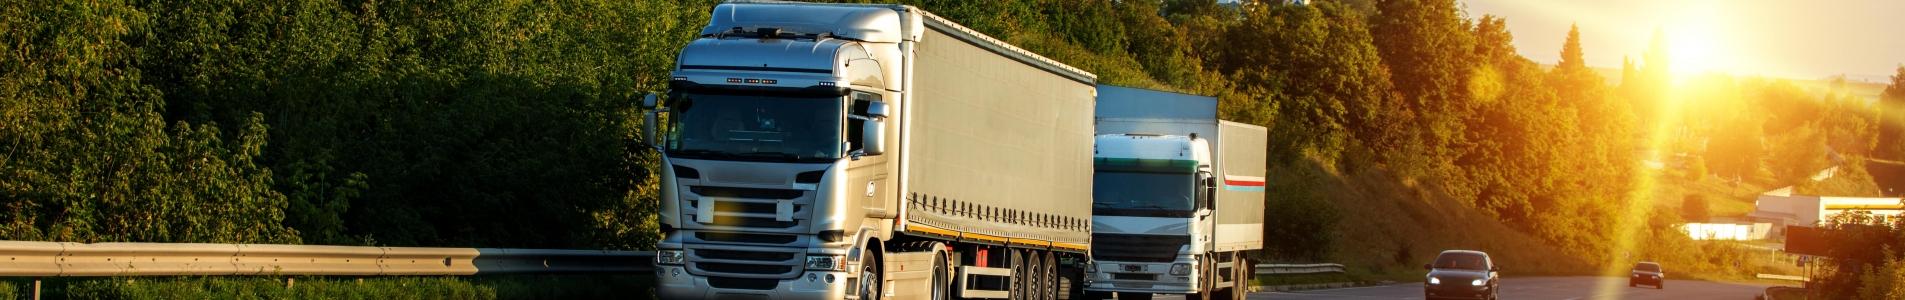 Współpracujemy z Przedstawicielami transportu w krajach objętych takim obowiązkiem